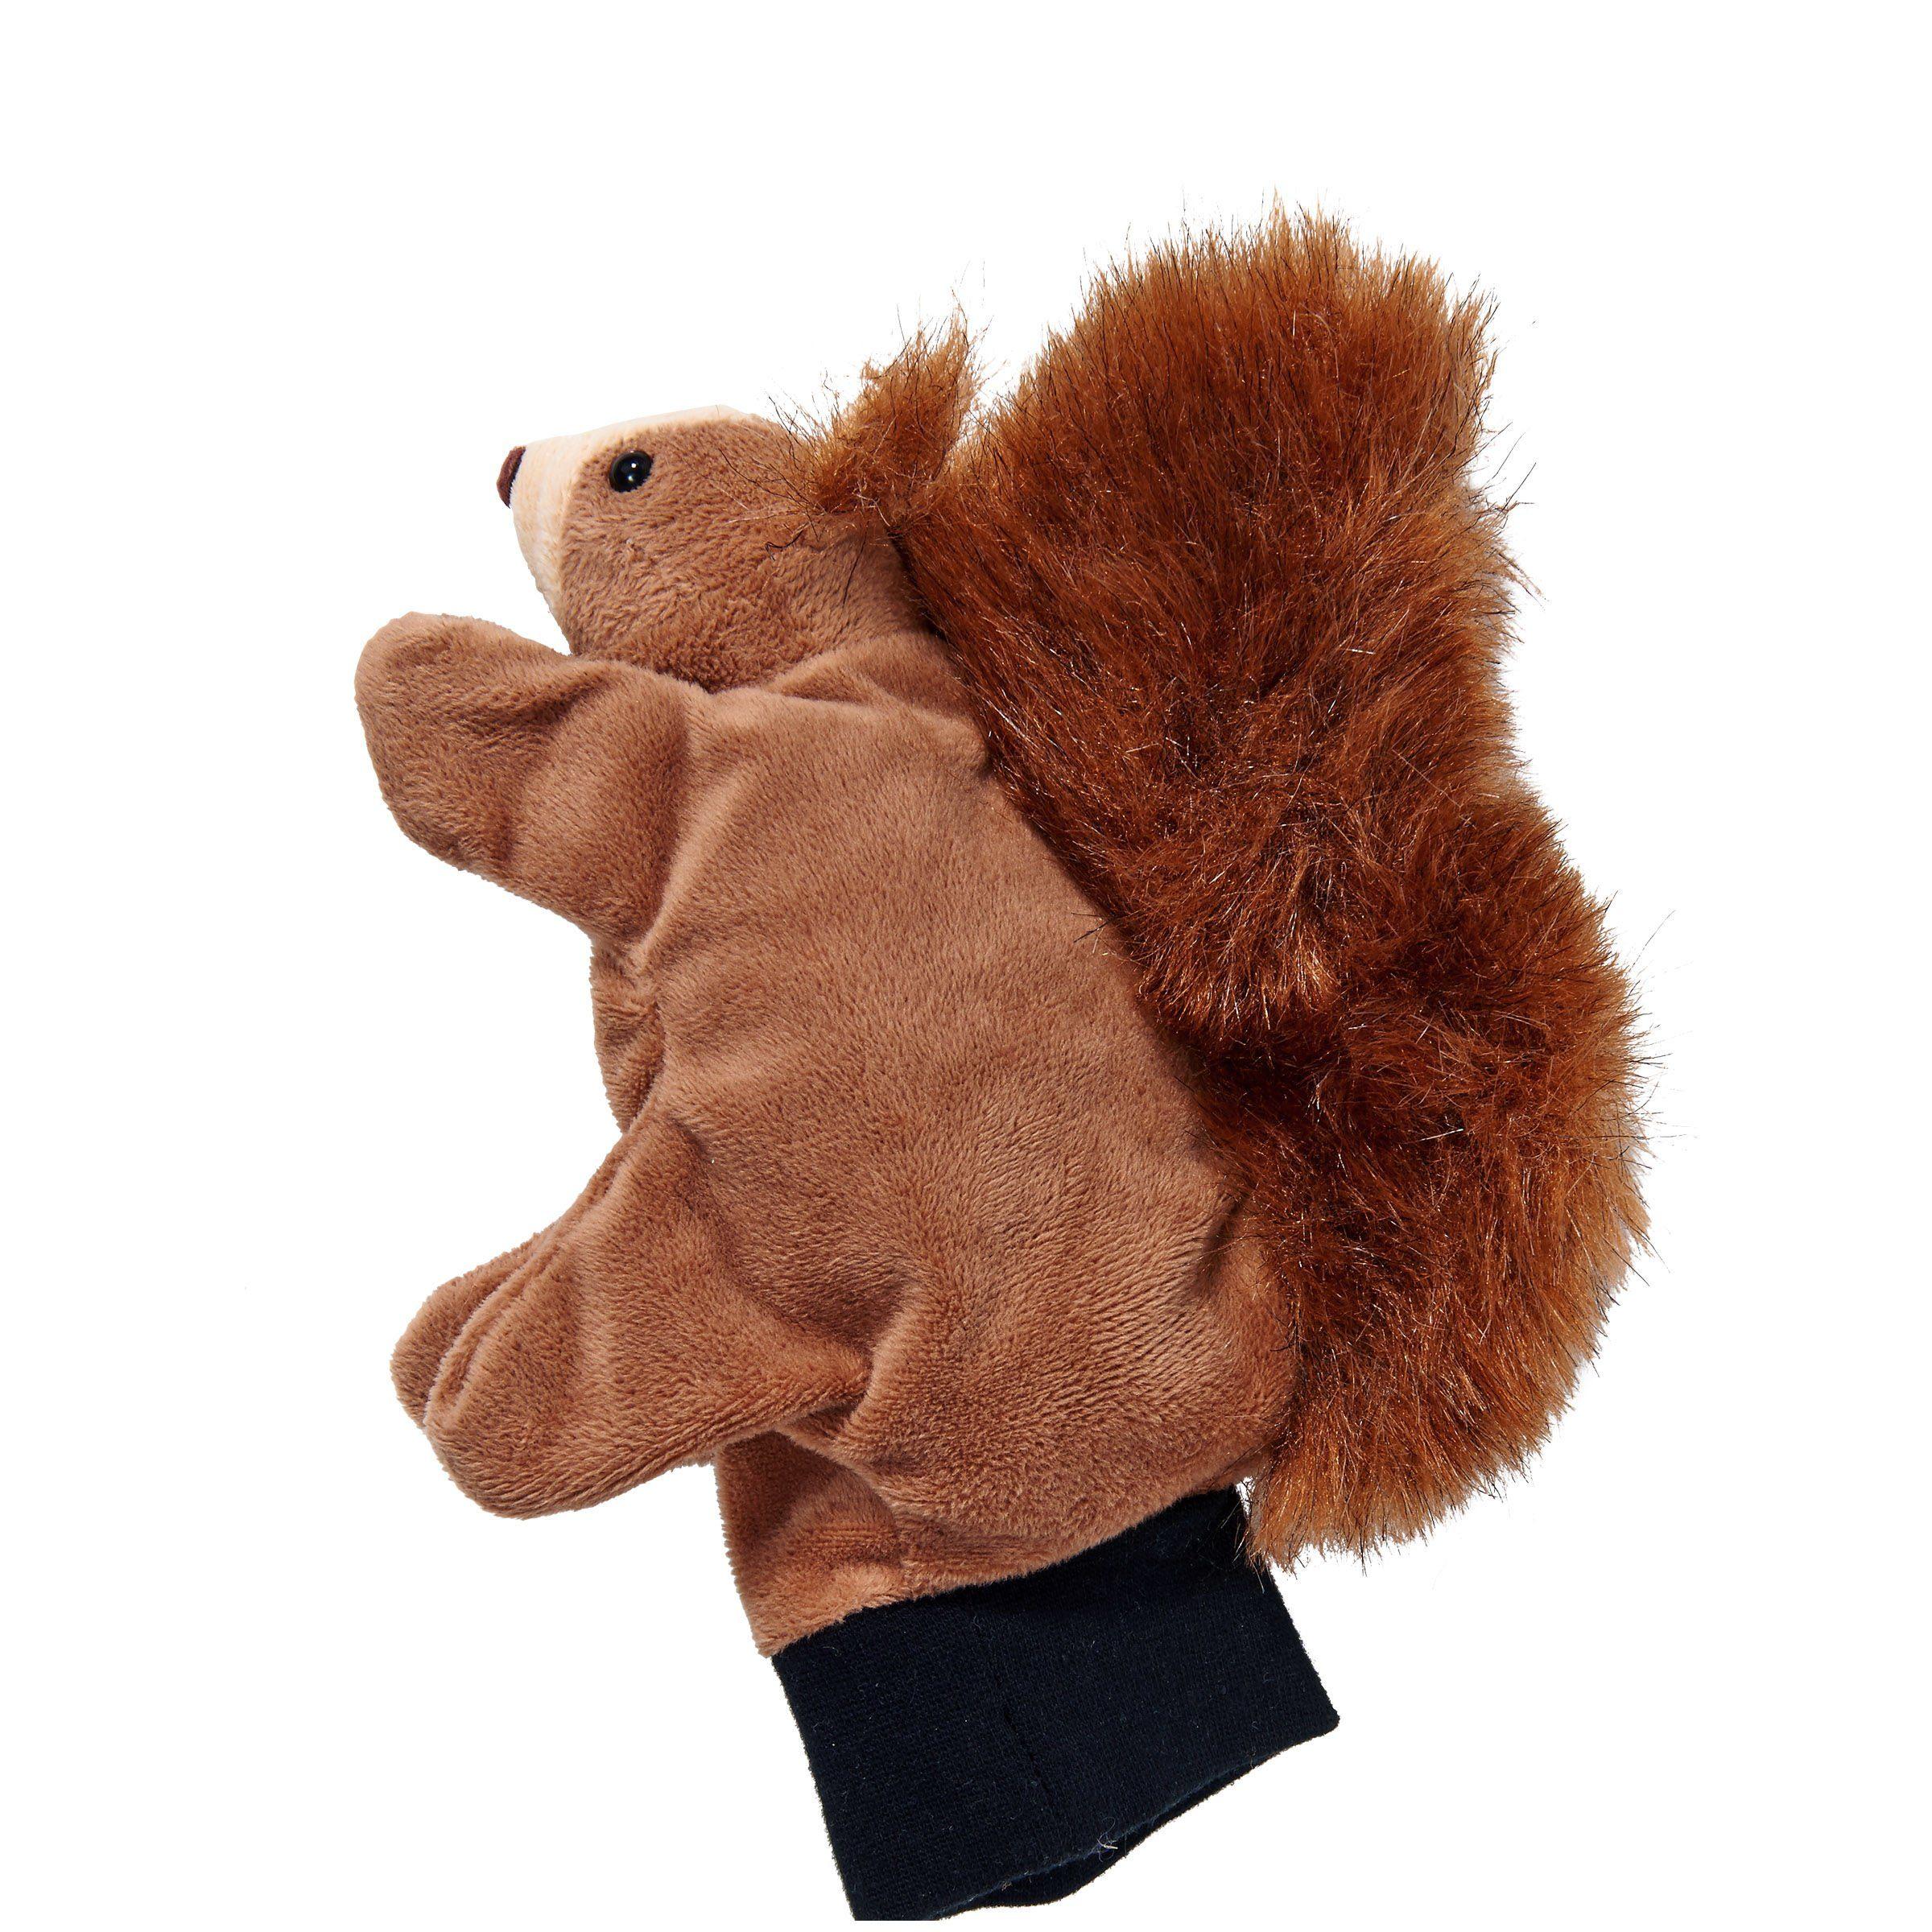 BUTLERS WILD GUYS »Handpuppe Eichhörnchen«